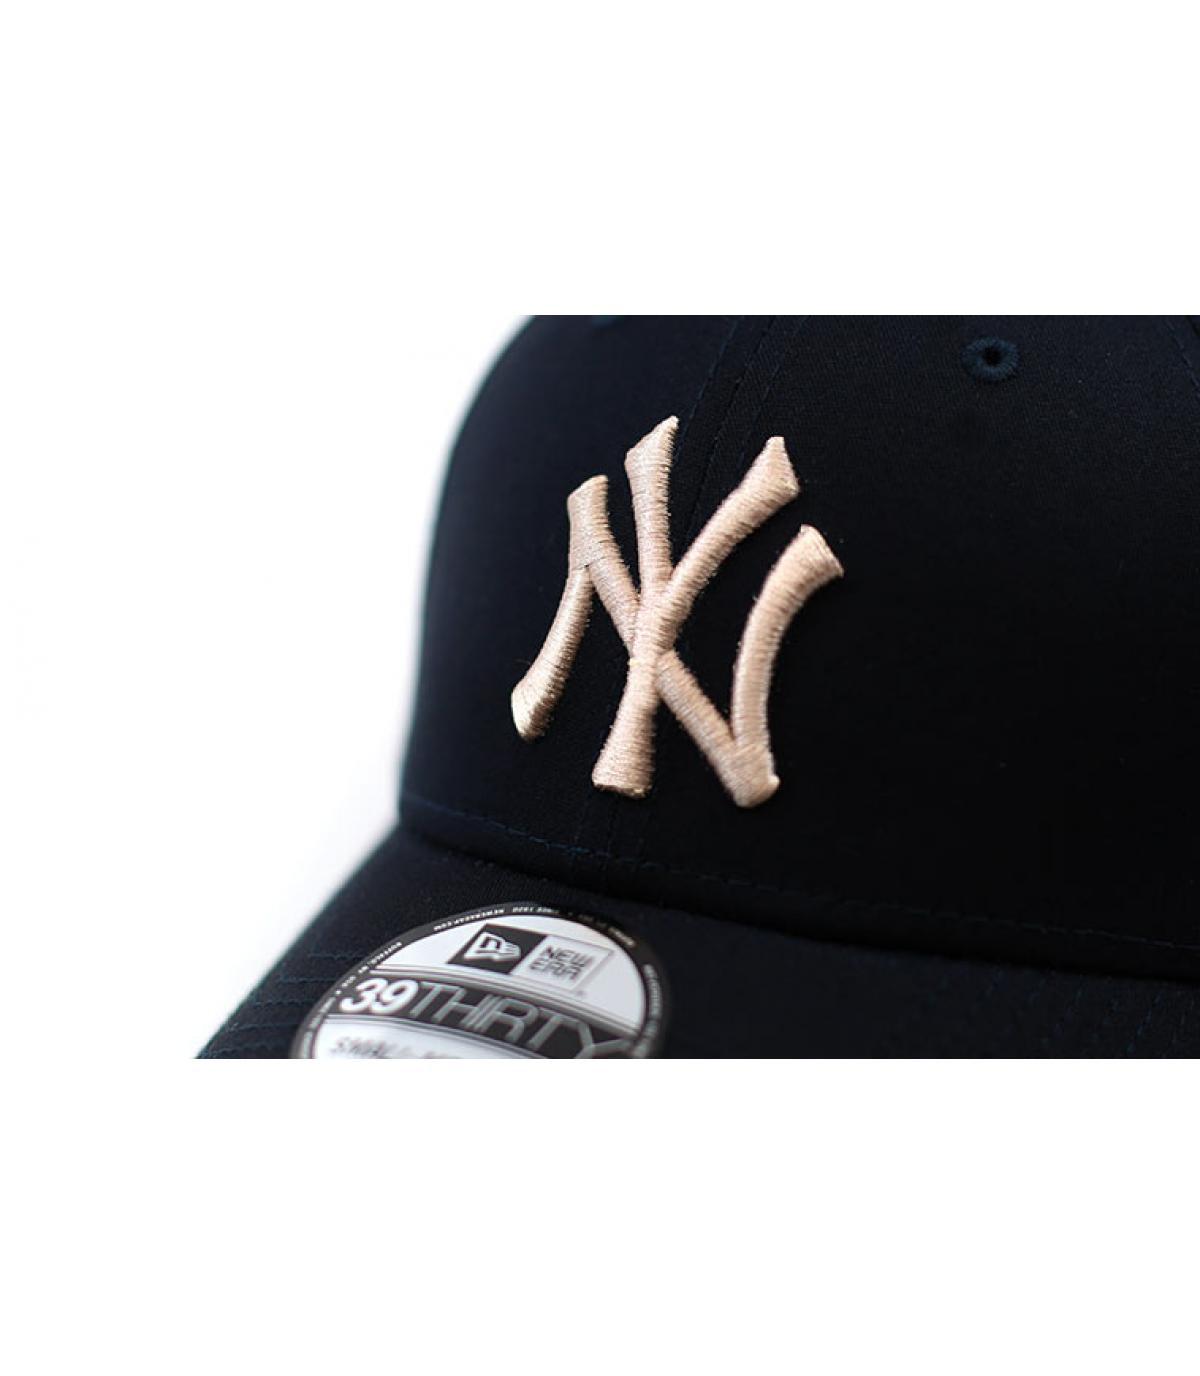 Détails Casquette League Ess NY 3930 navy stone - image 3